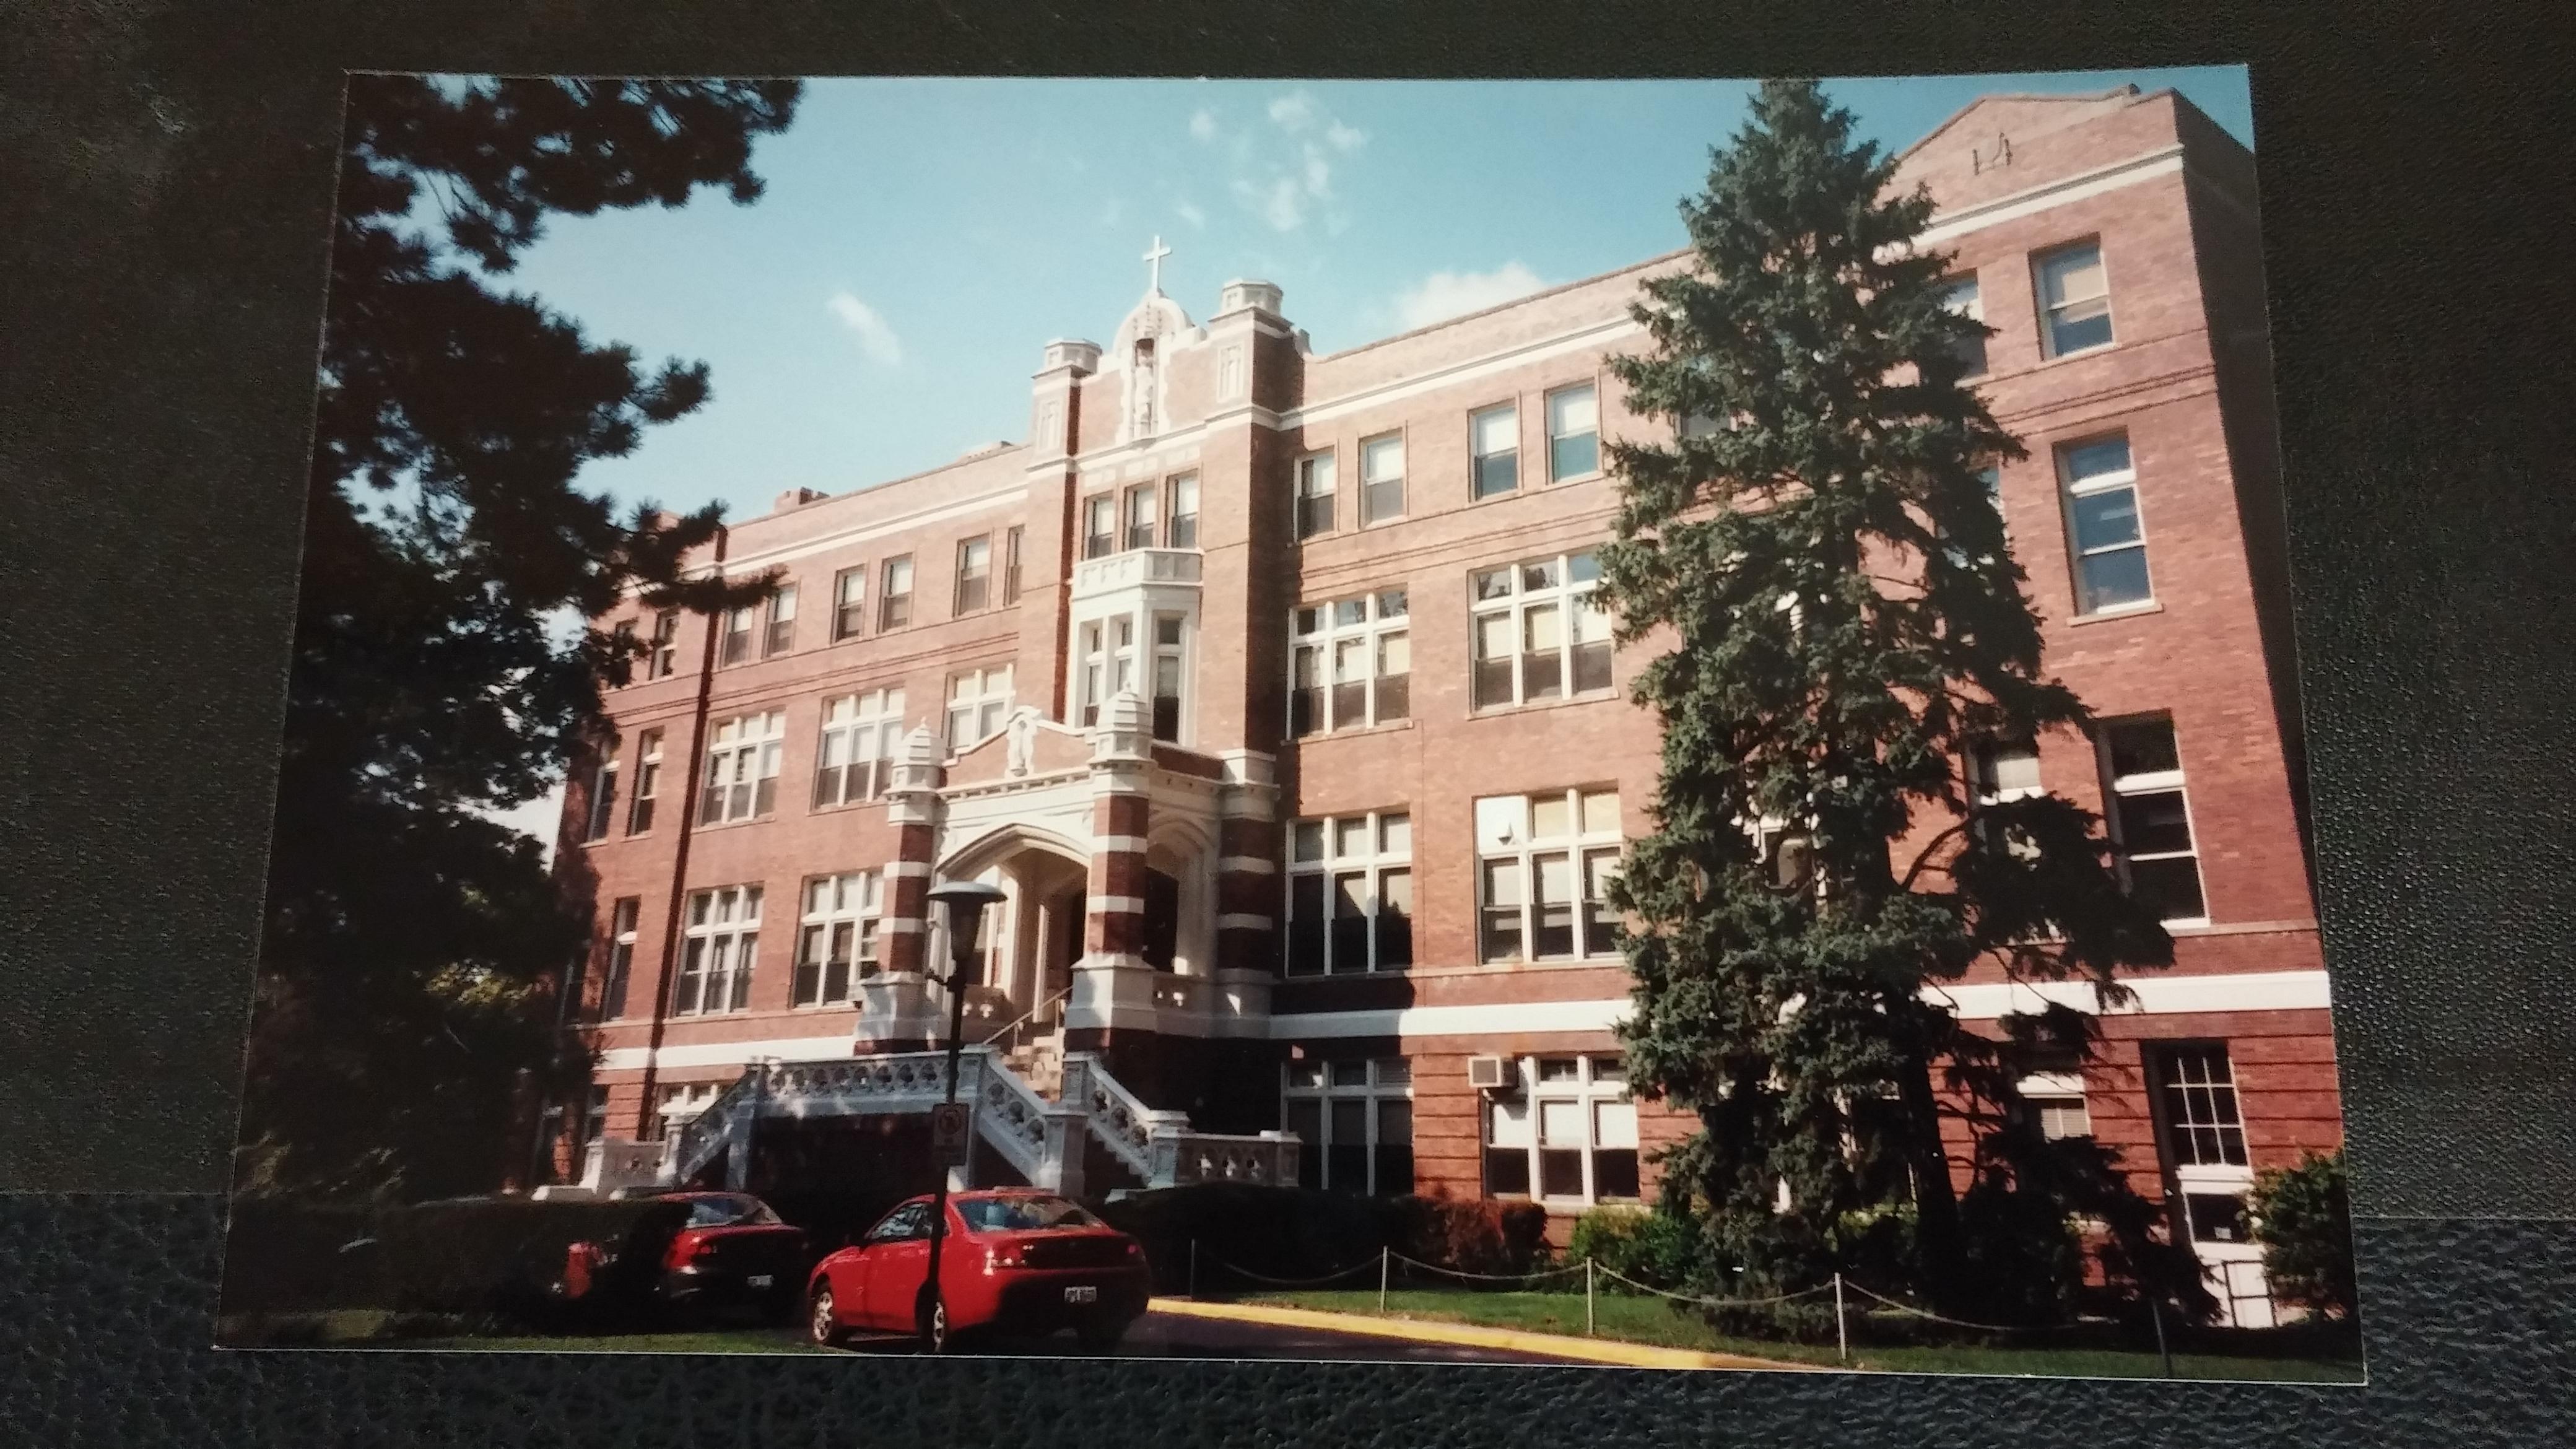 Mother of Mercy High School